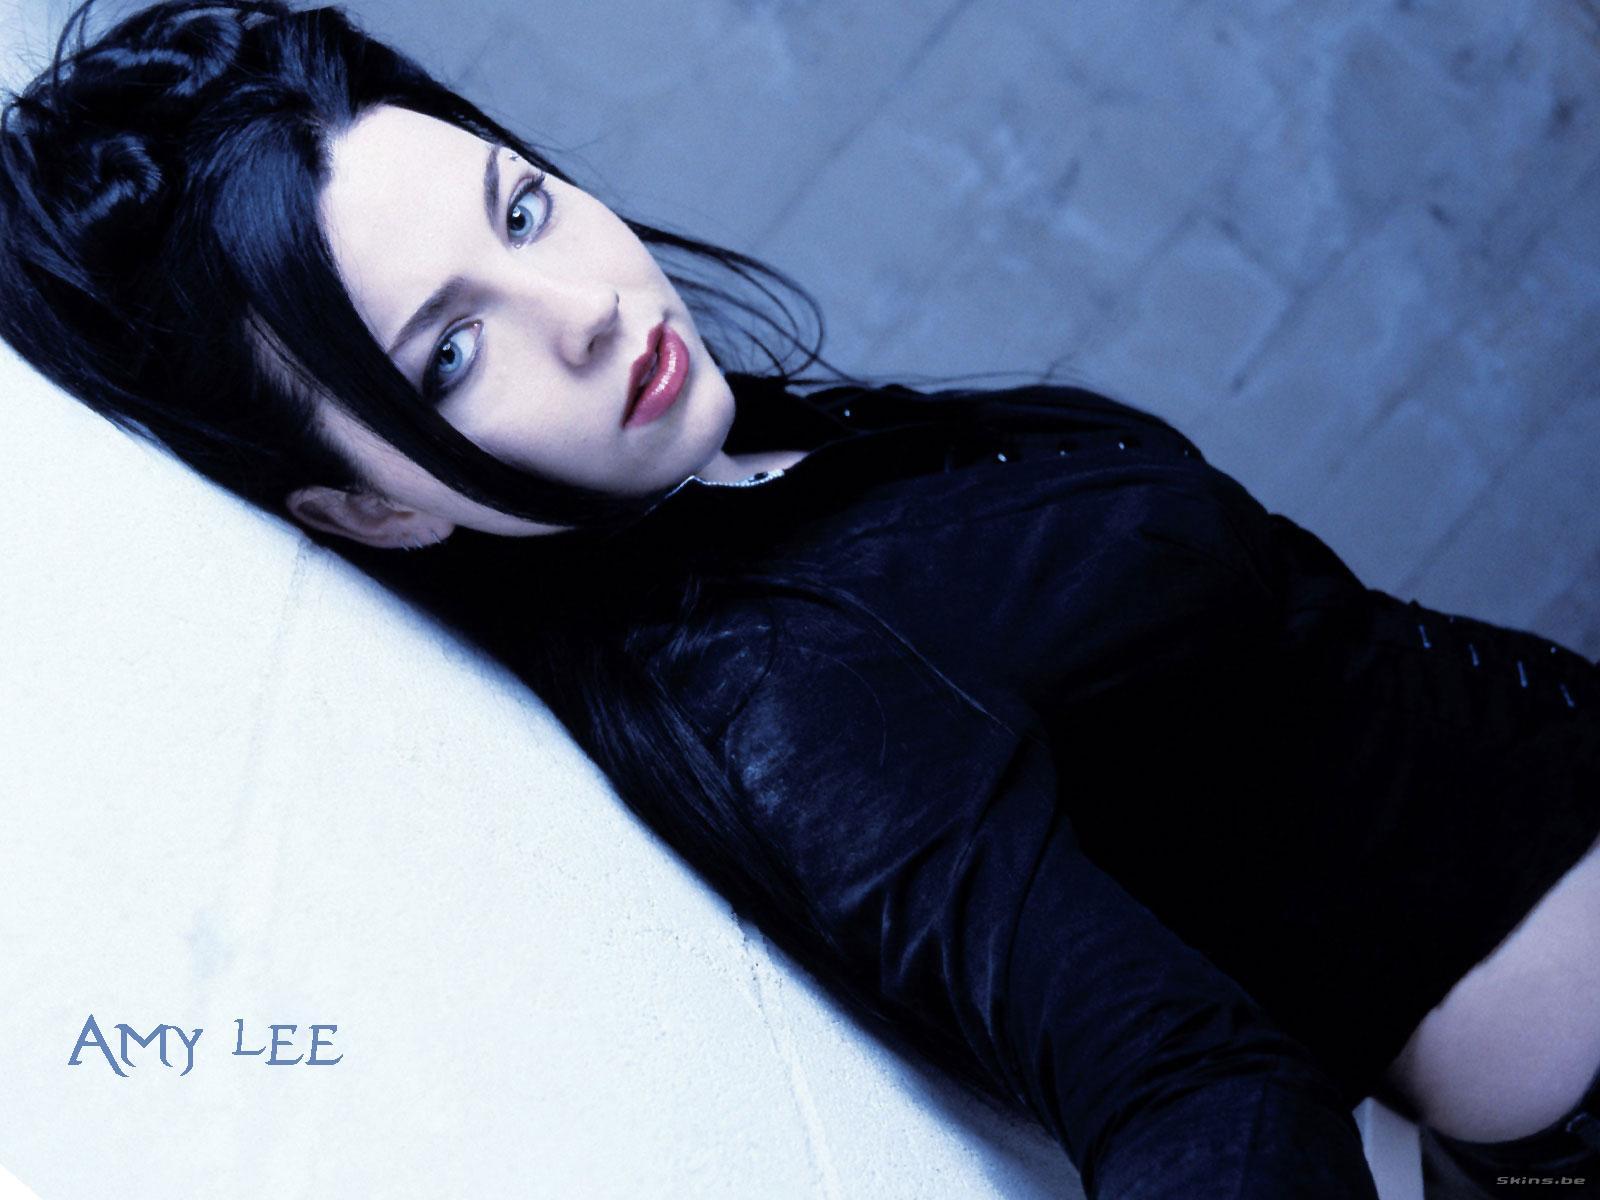 http://1.bp.blogspot.com/_abKa0To9YEI/TATpmeAZG9I/AAAAAAAAADw/J9v3wx4wPTw/s1600/Amy-Lee-1.jpg